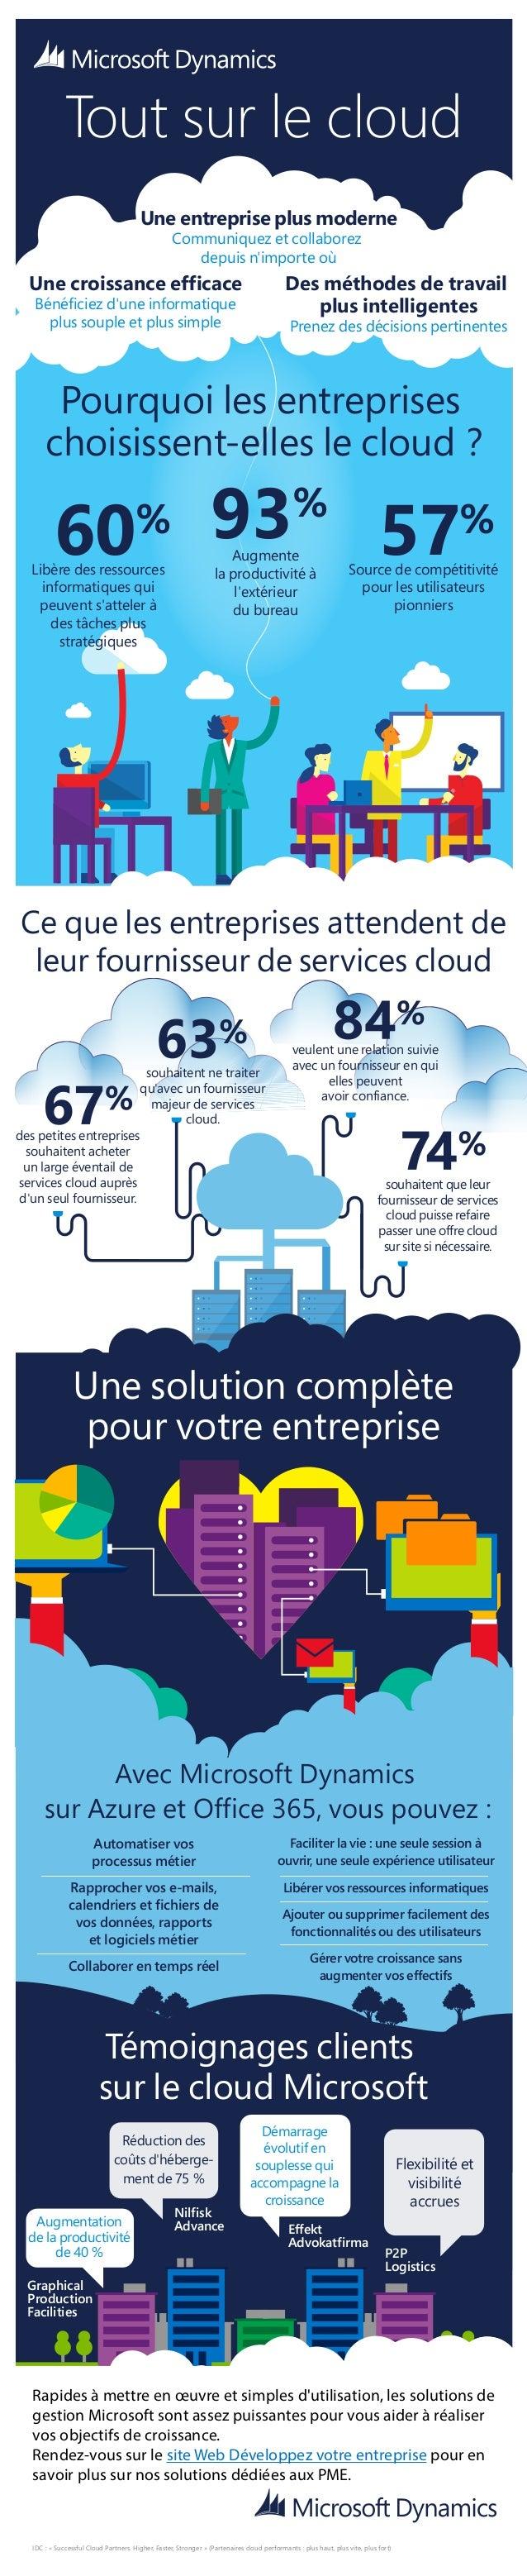 souhaitent ne traiter qu'avec un fournisseur majeur de services cloud. veulent une relation suivie avec un fournisseur en ...